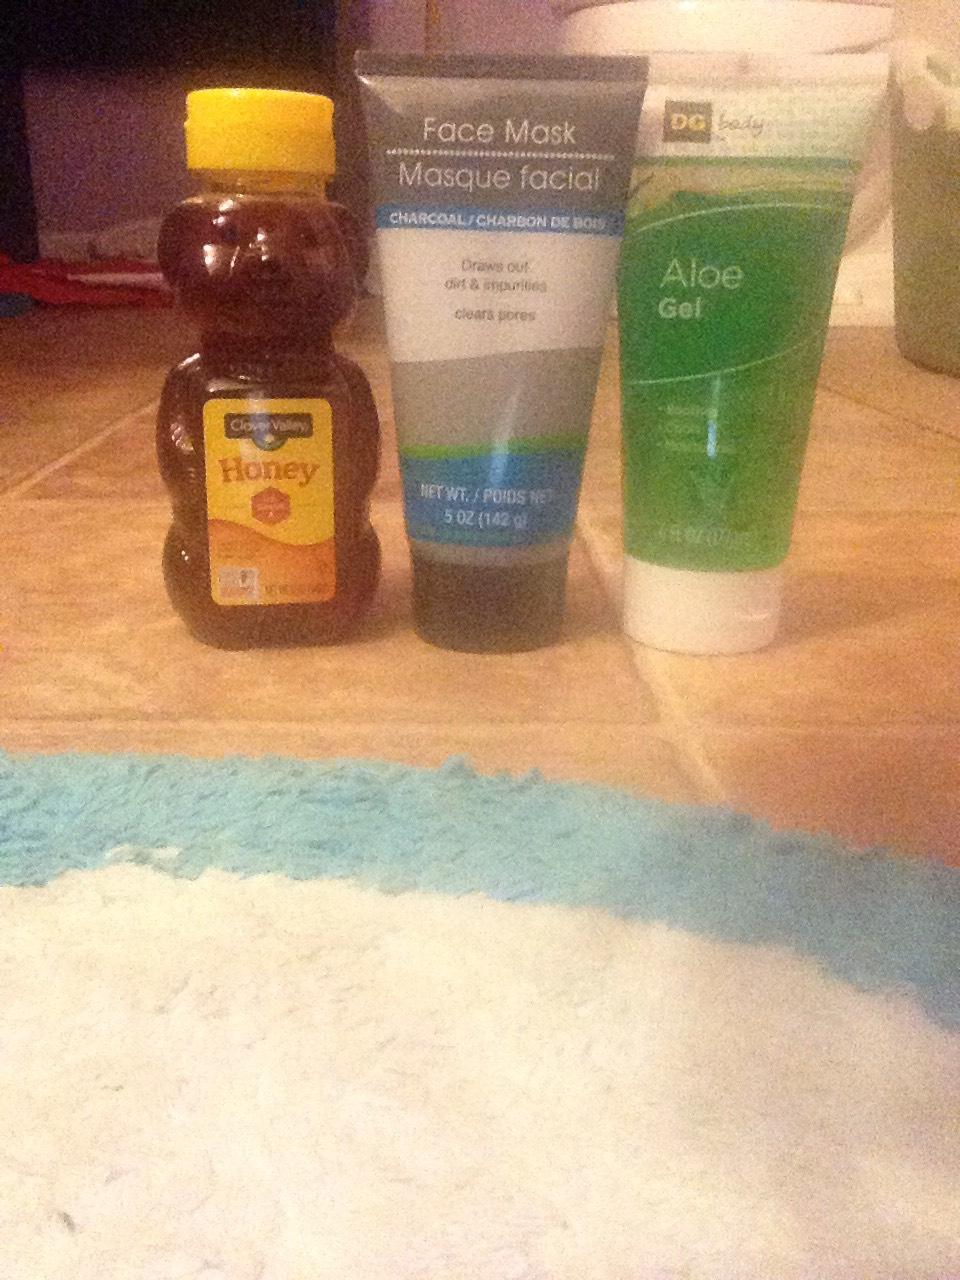 Honey/clay/aloe facial mask